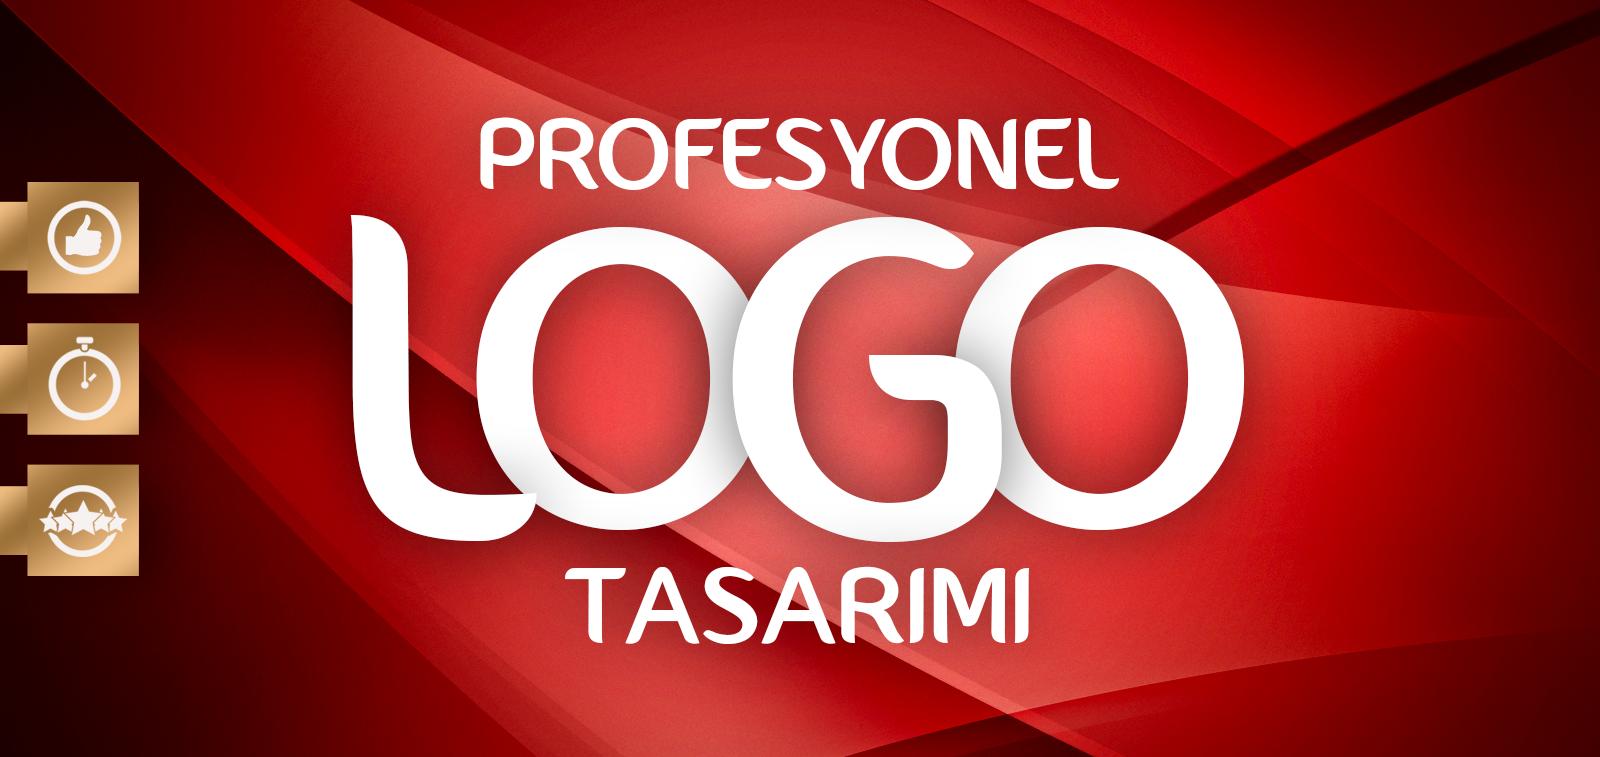 Profesyonel logo tasarımı yaparım.